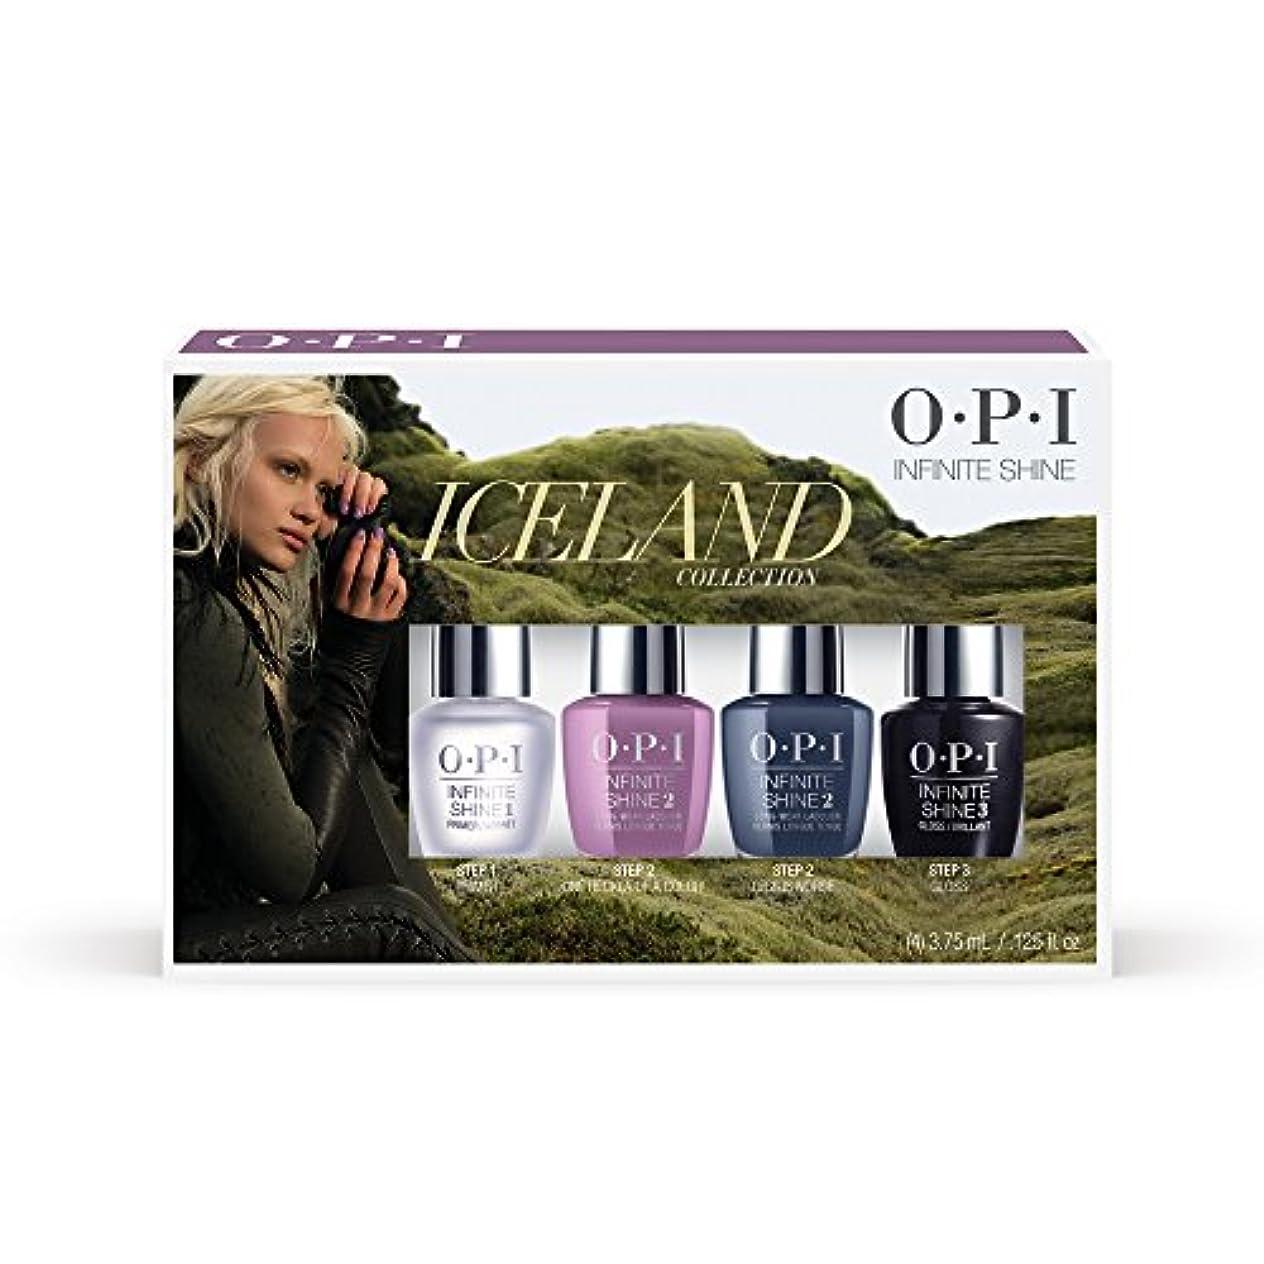 孤児祖父母を訪問出版OPI(オーピーアイ) アイスランド コレクション インフィニット シャイン ミニパック